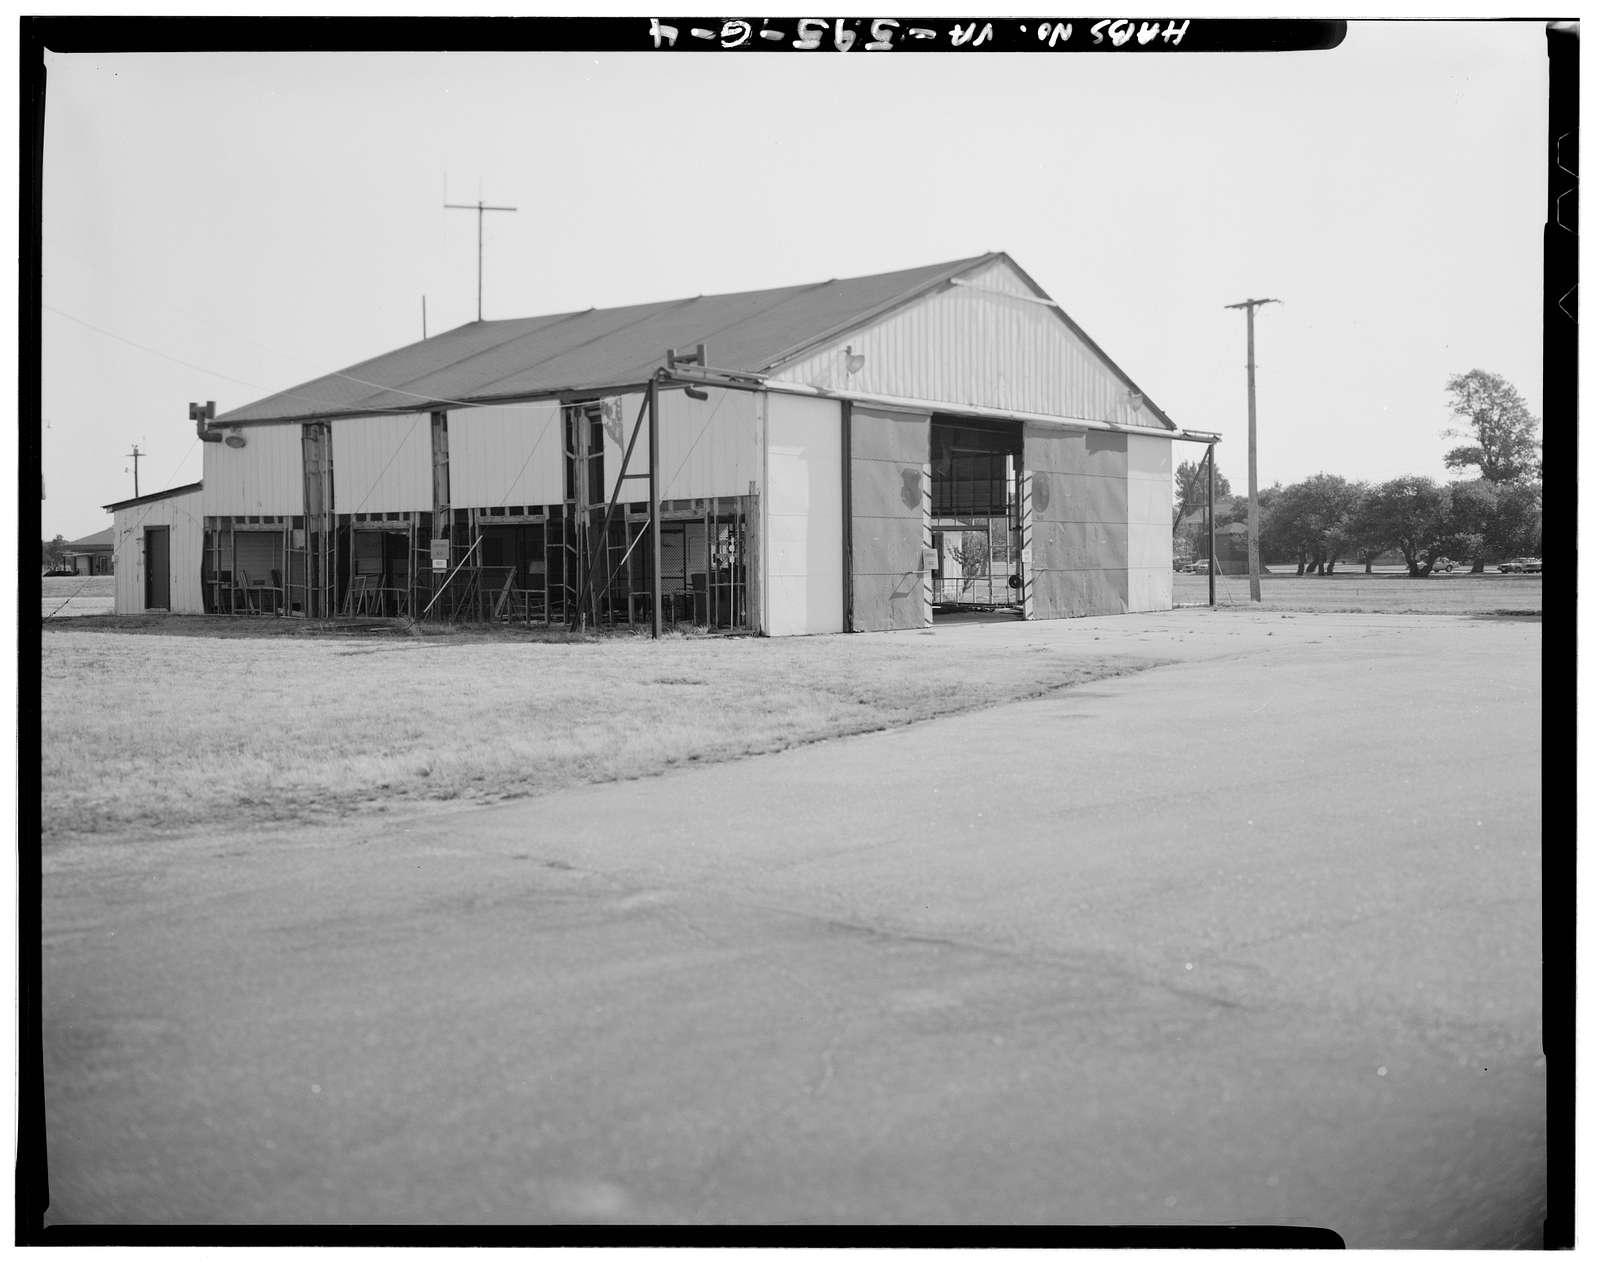 Fort Monroe, Building No. 226, Off Fenwick Road, Hampton, Hampton, VA